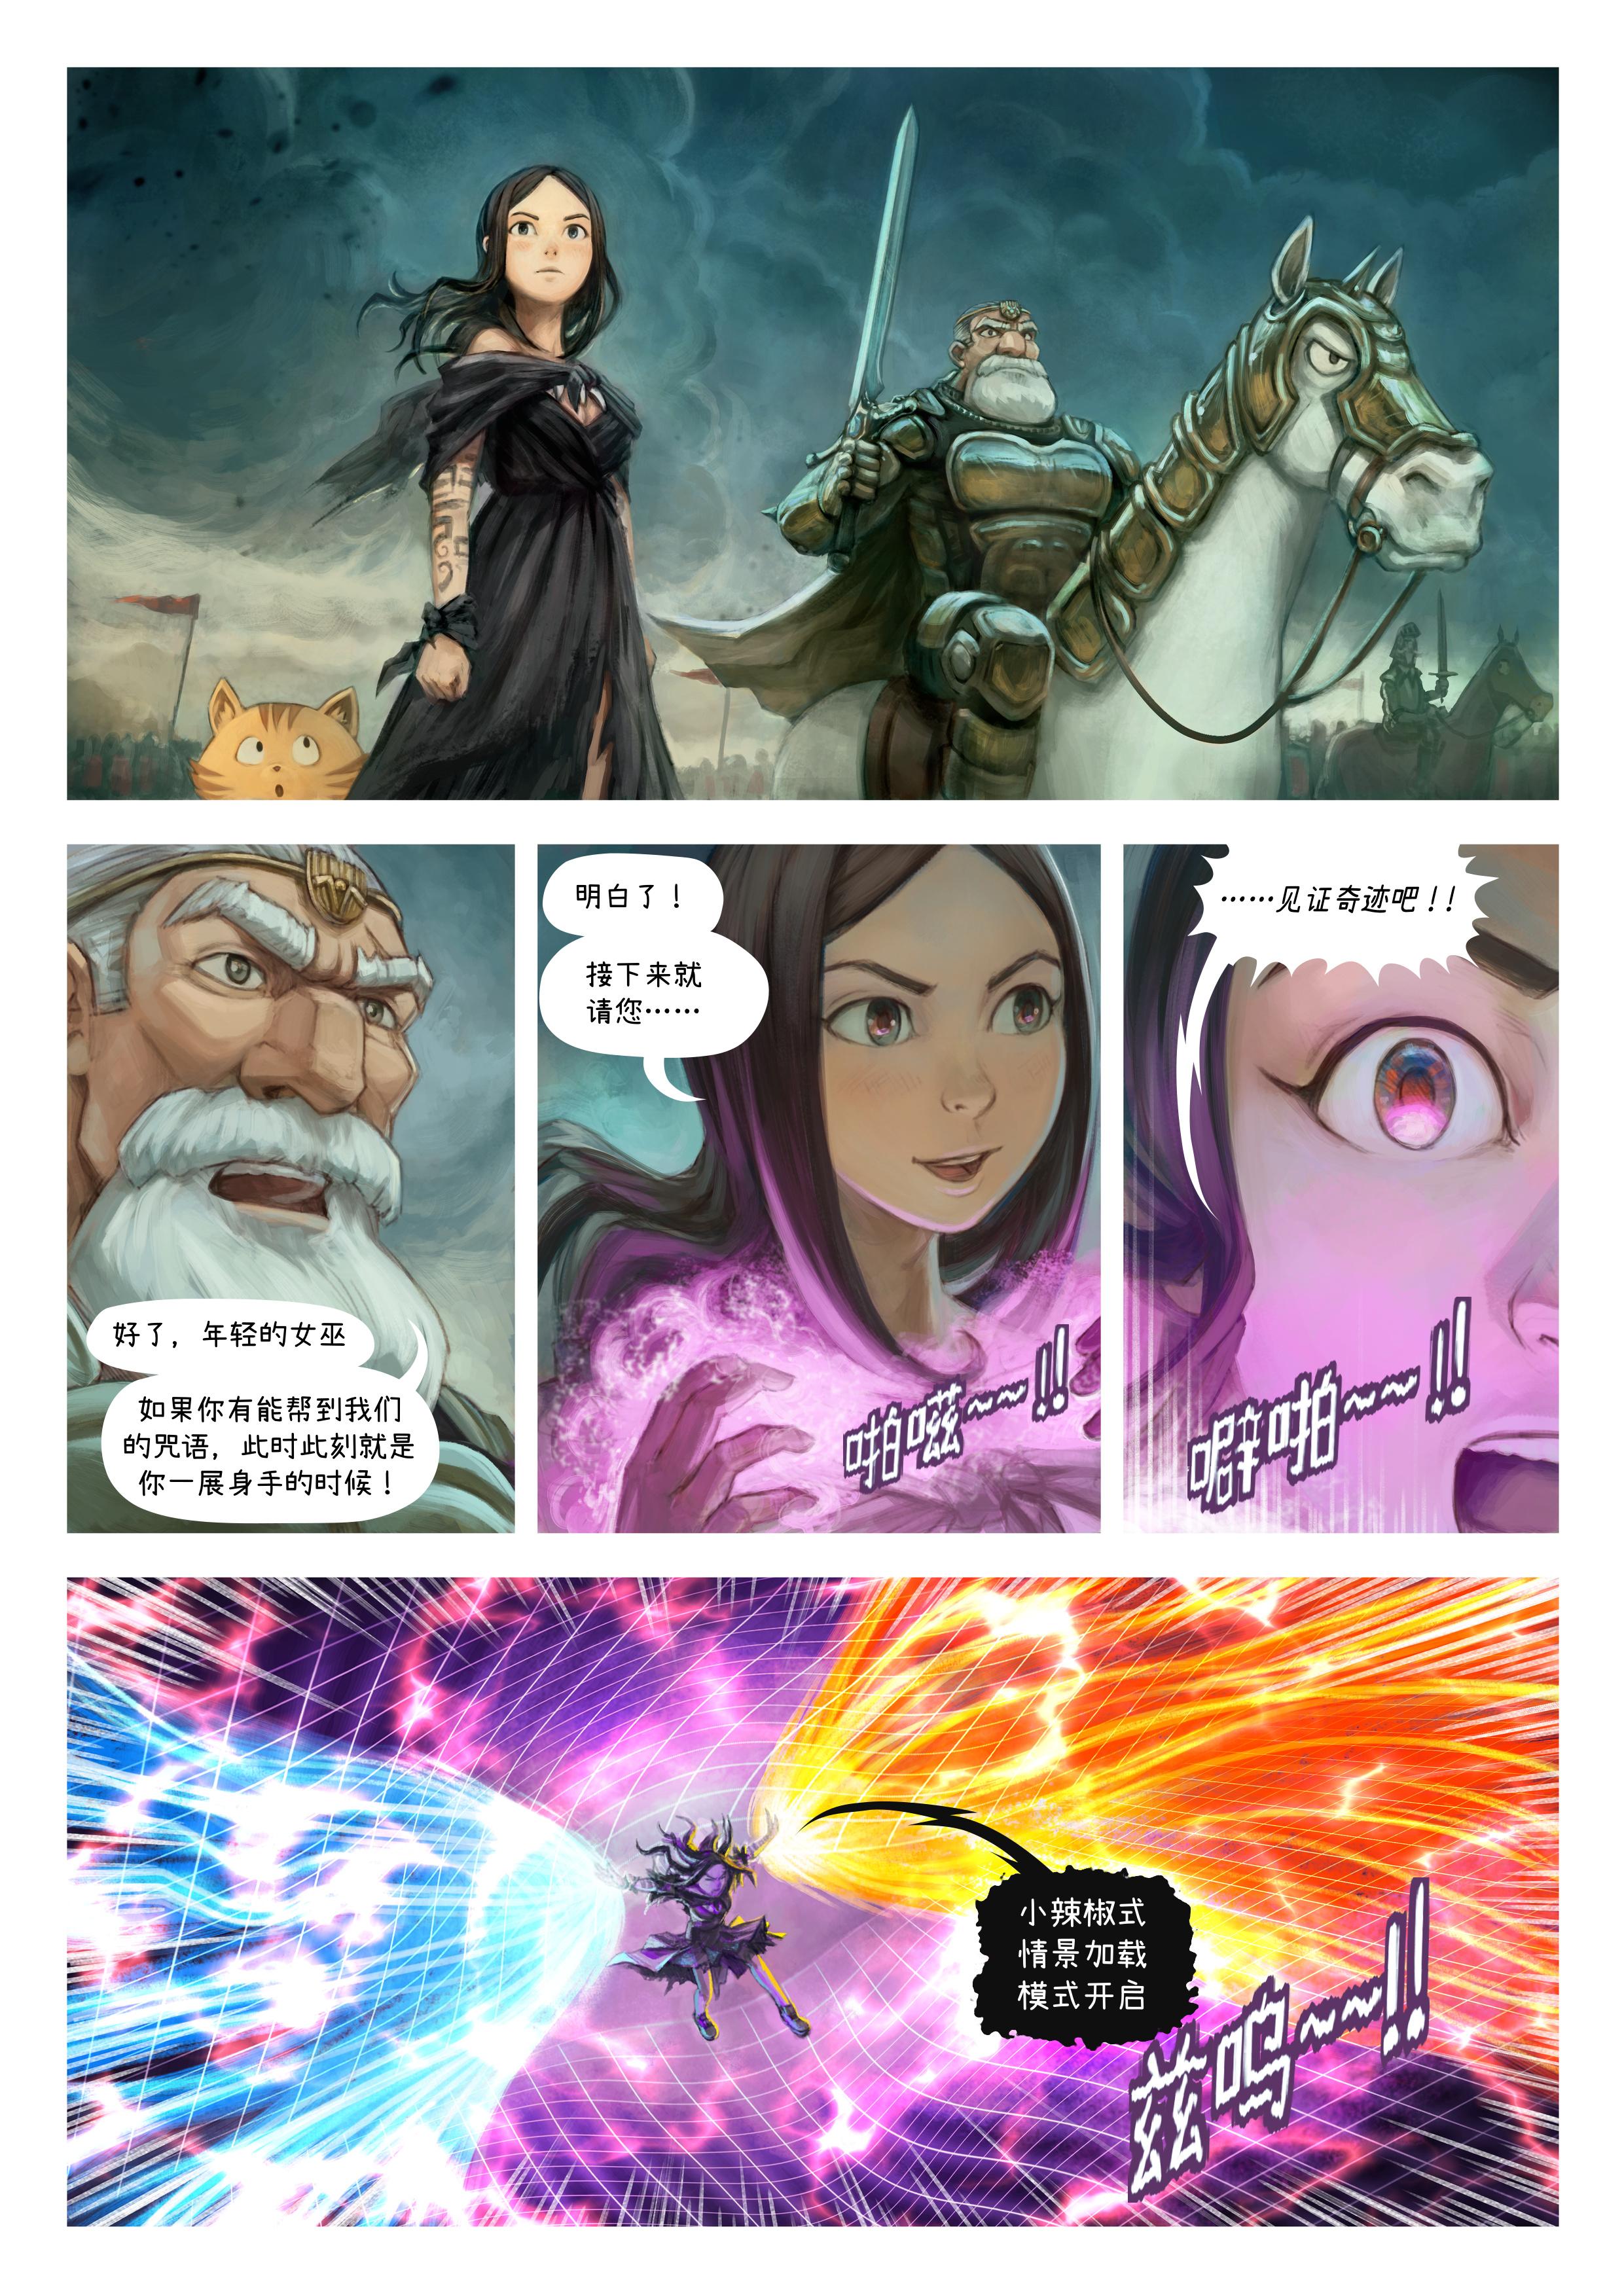 第33集:战争大魔咒, Page 2